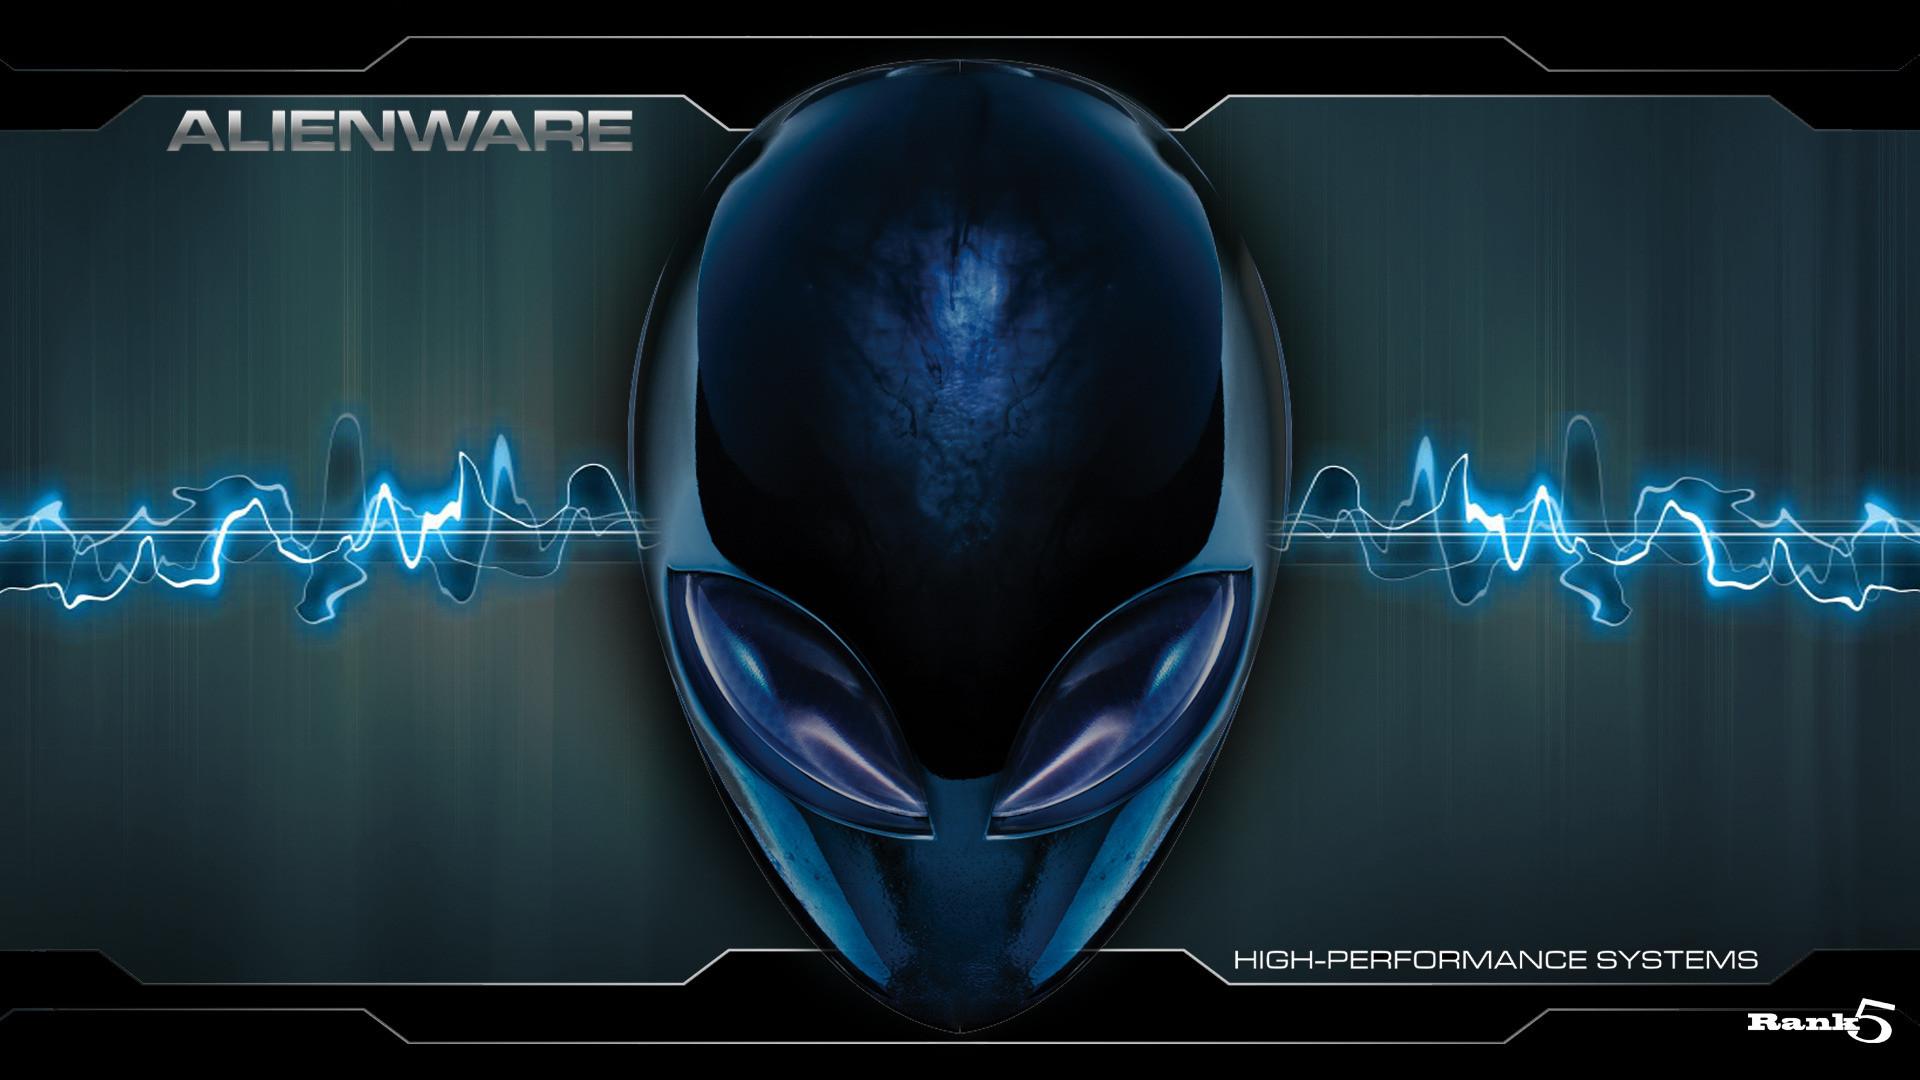 Ganz und zu Extrem Alienware Wallpaper HD (79+ images) @RO_25